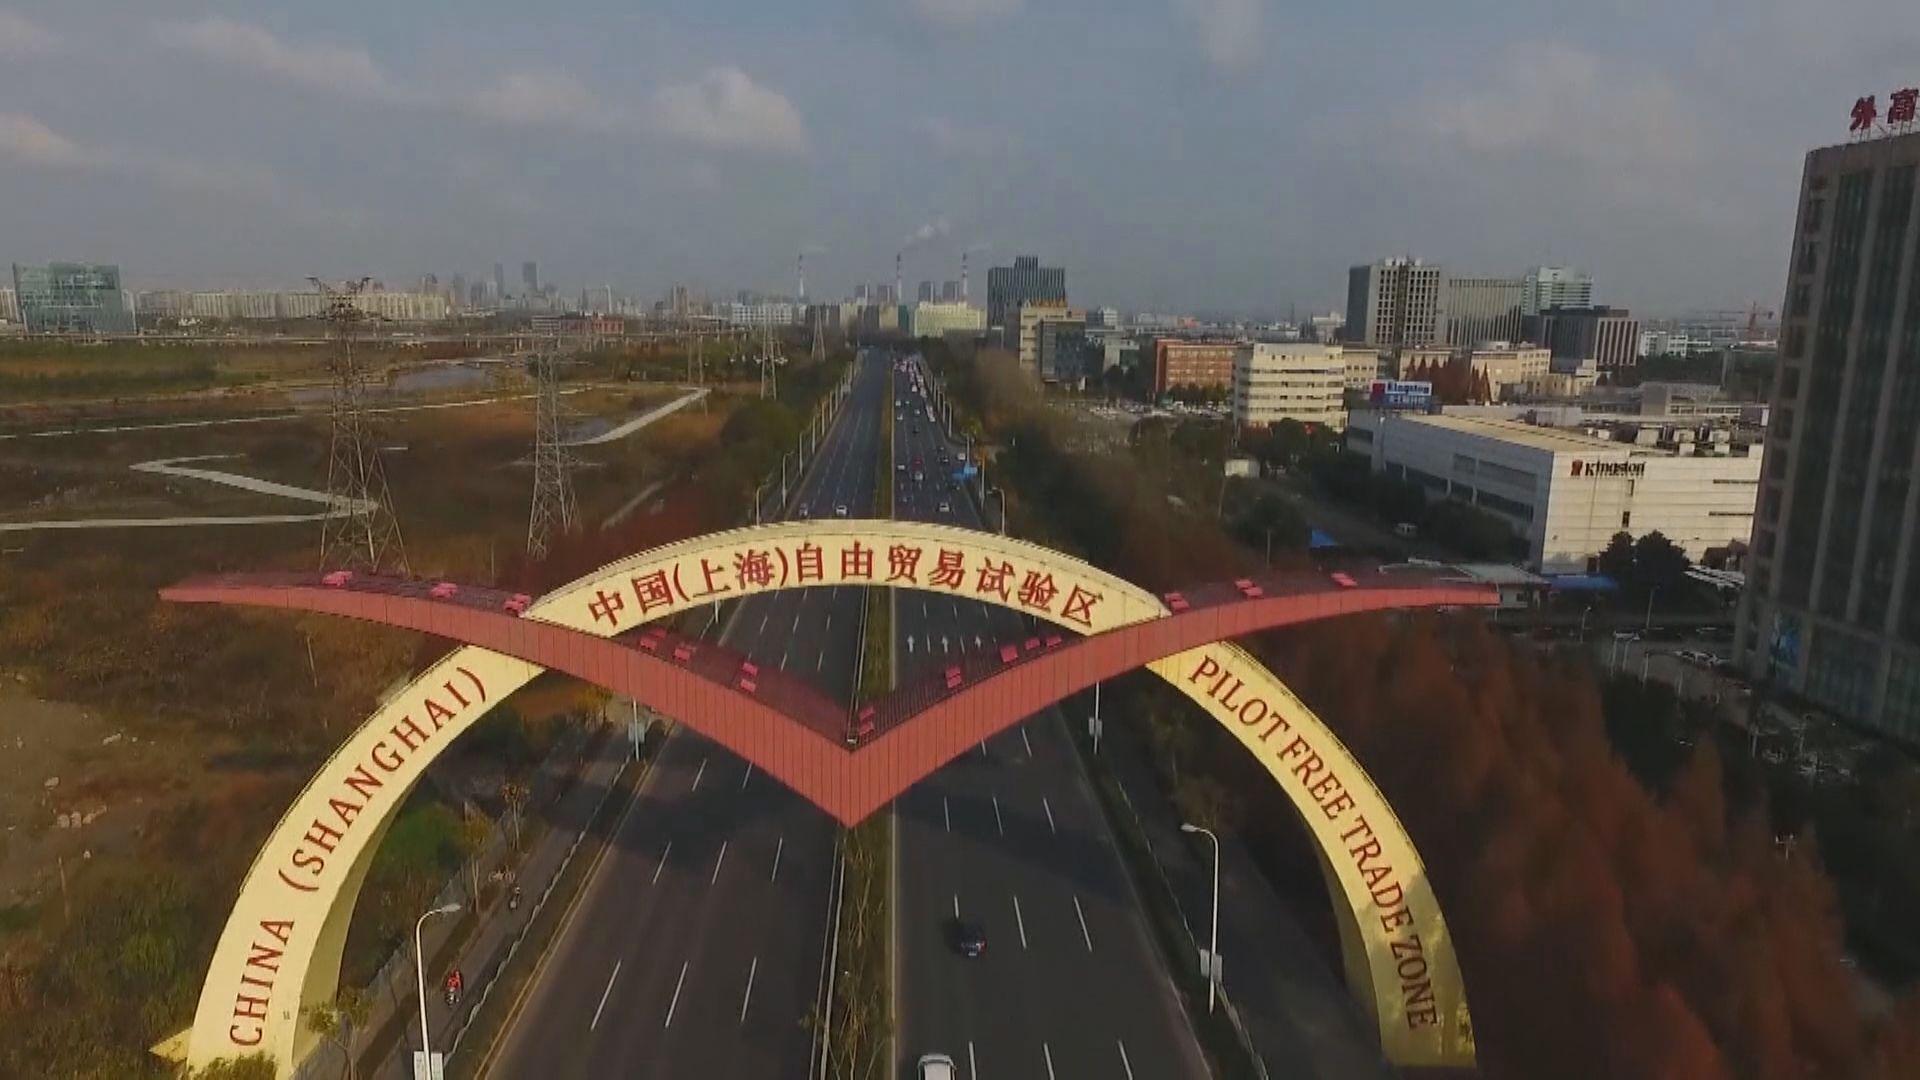 國務院公布自貿試驗區方案 湖南重點對接一帶一路